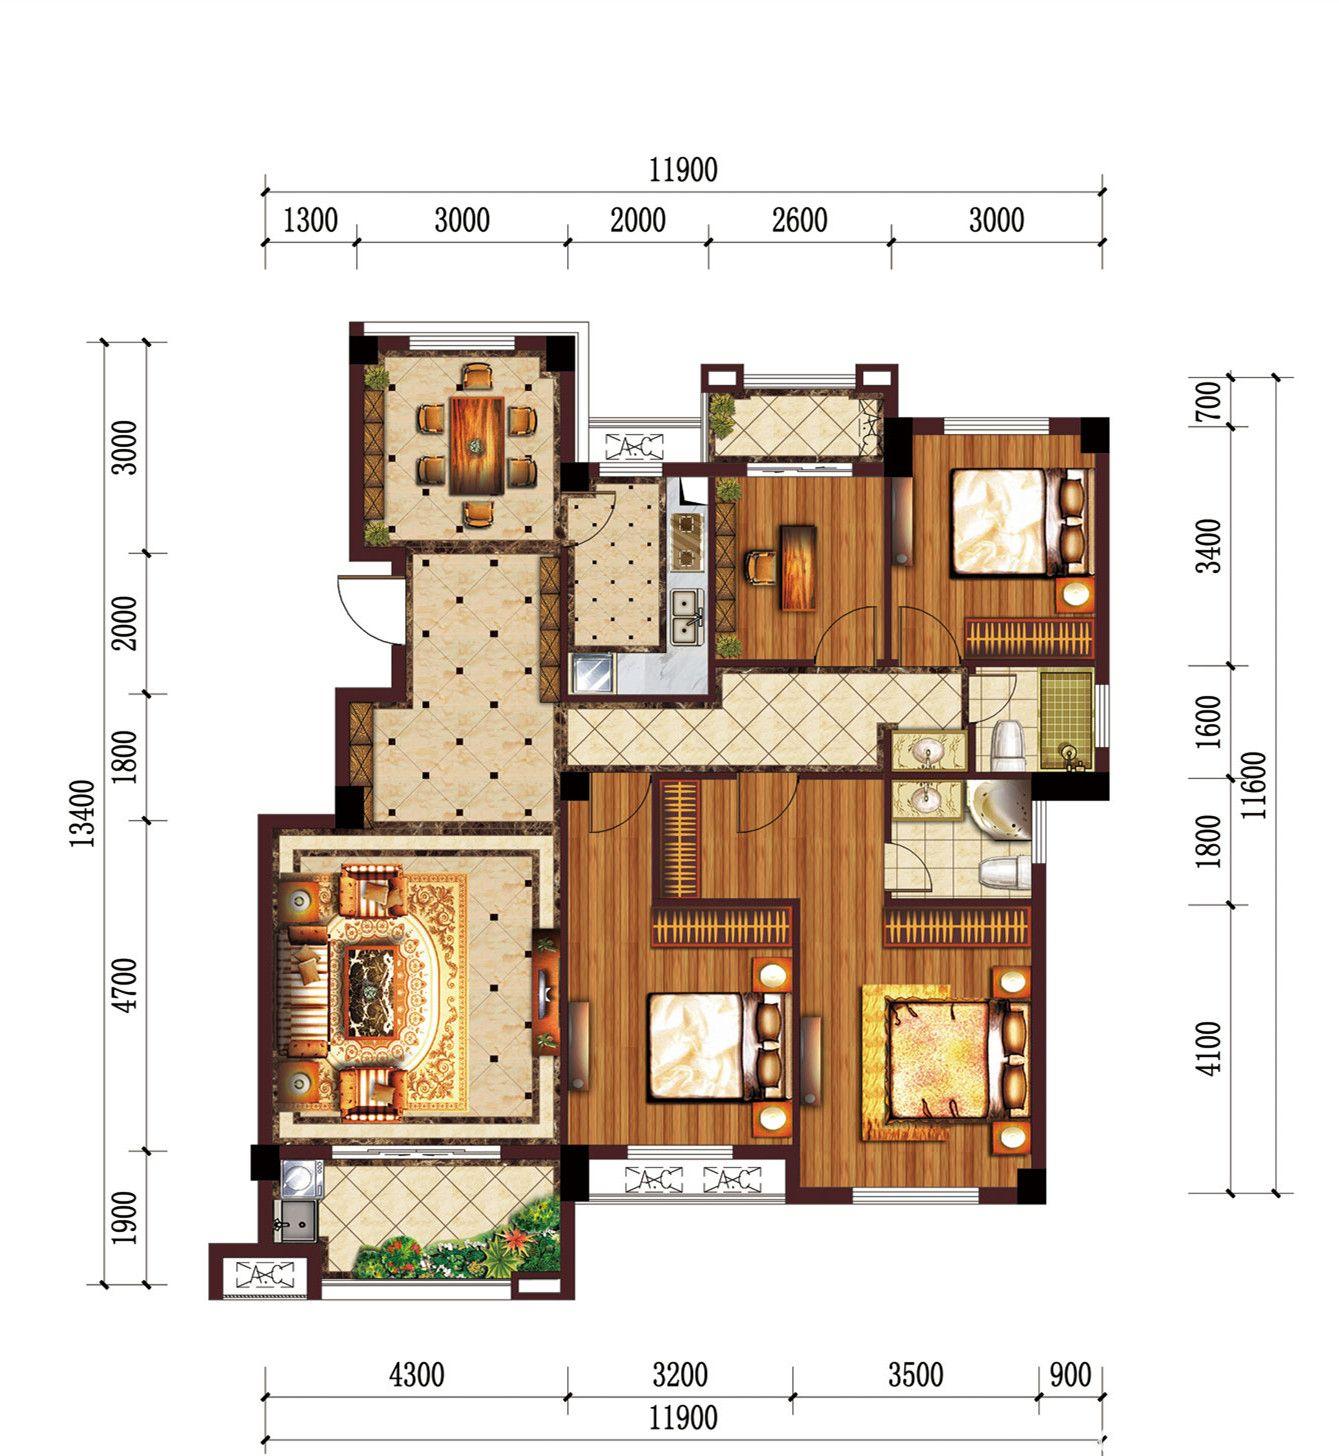 公园道B区御湖E24室2厅134.14平米